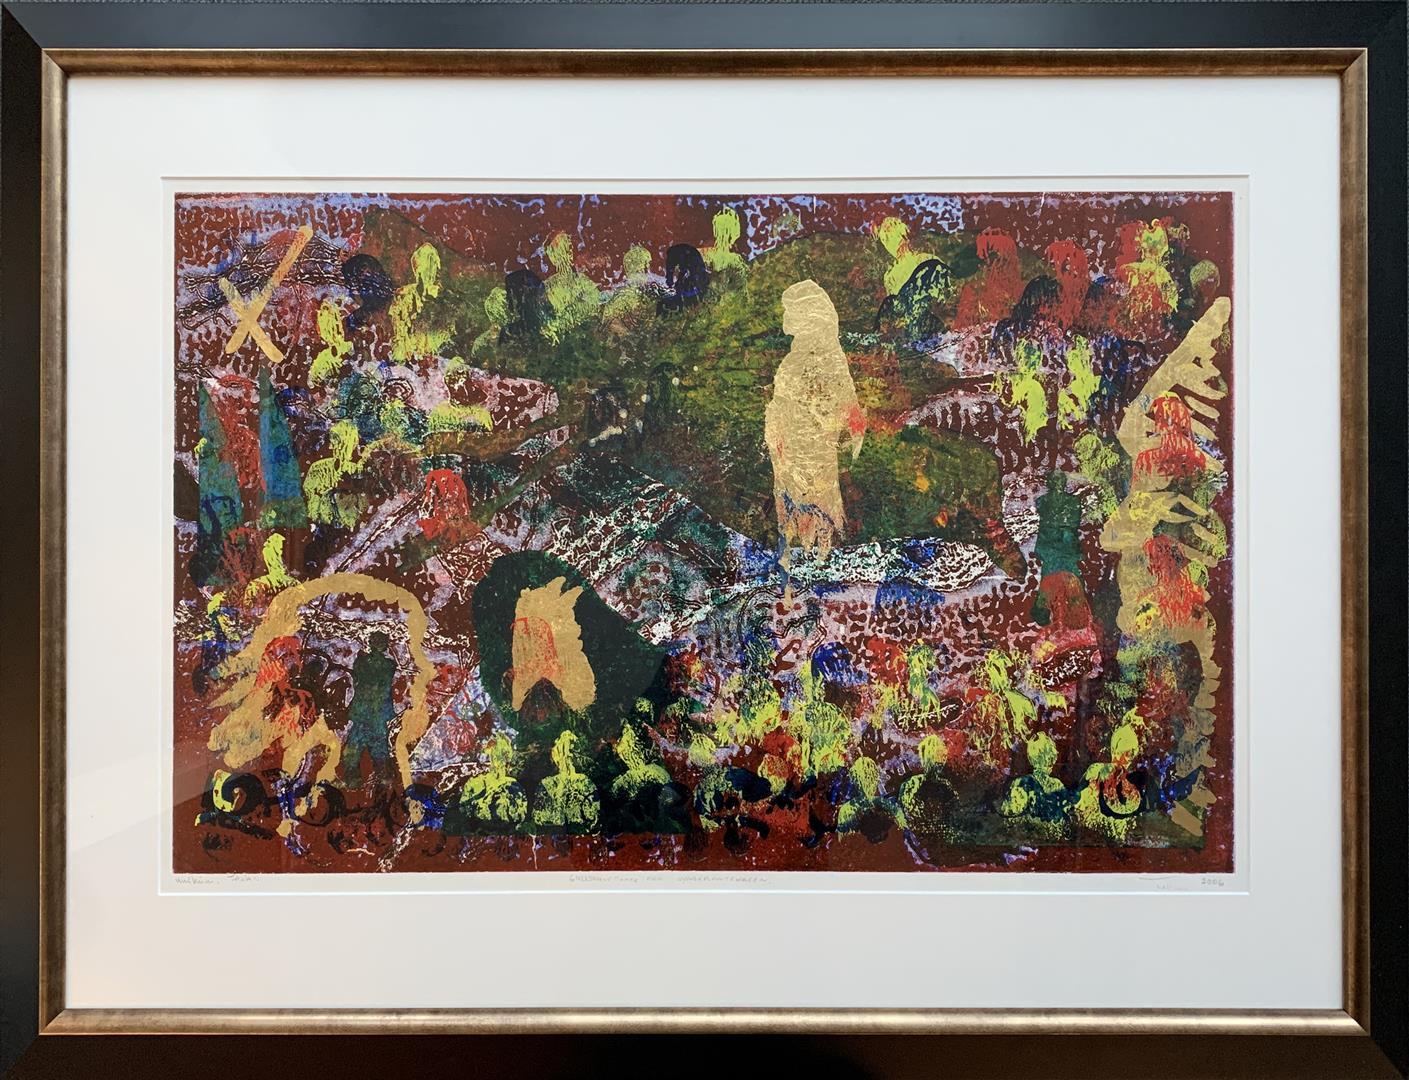 Gullskulptur fra Syngeplantehagen Materialtrykk bladgull (50x87 cm) kr 18000 mr